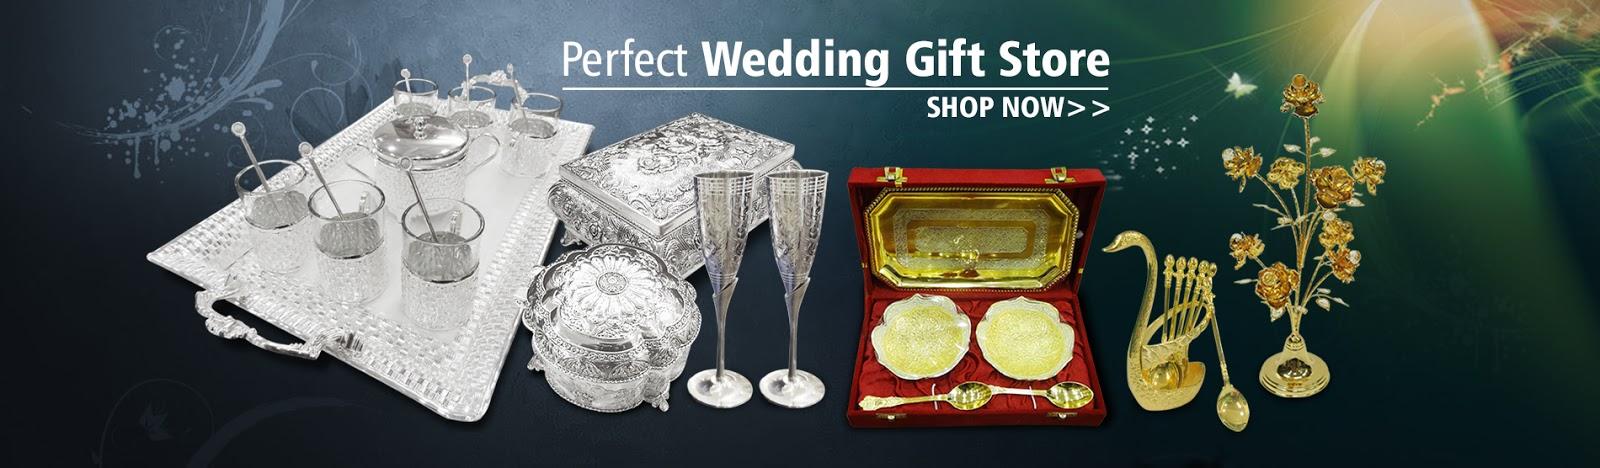 Met gift shop online